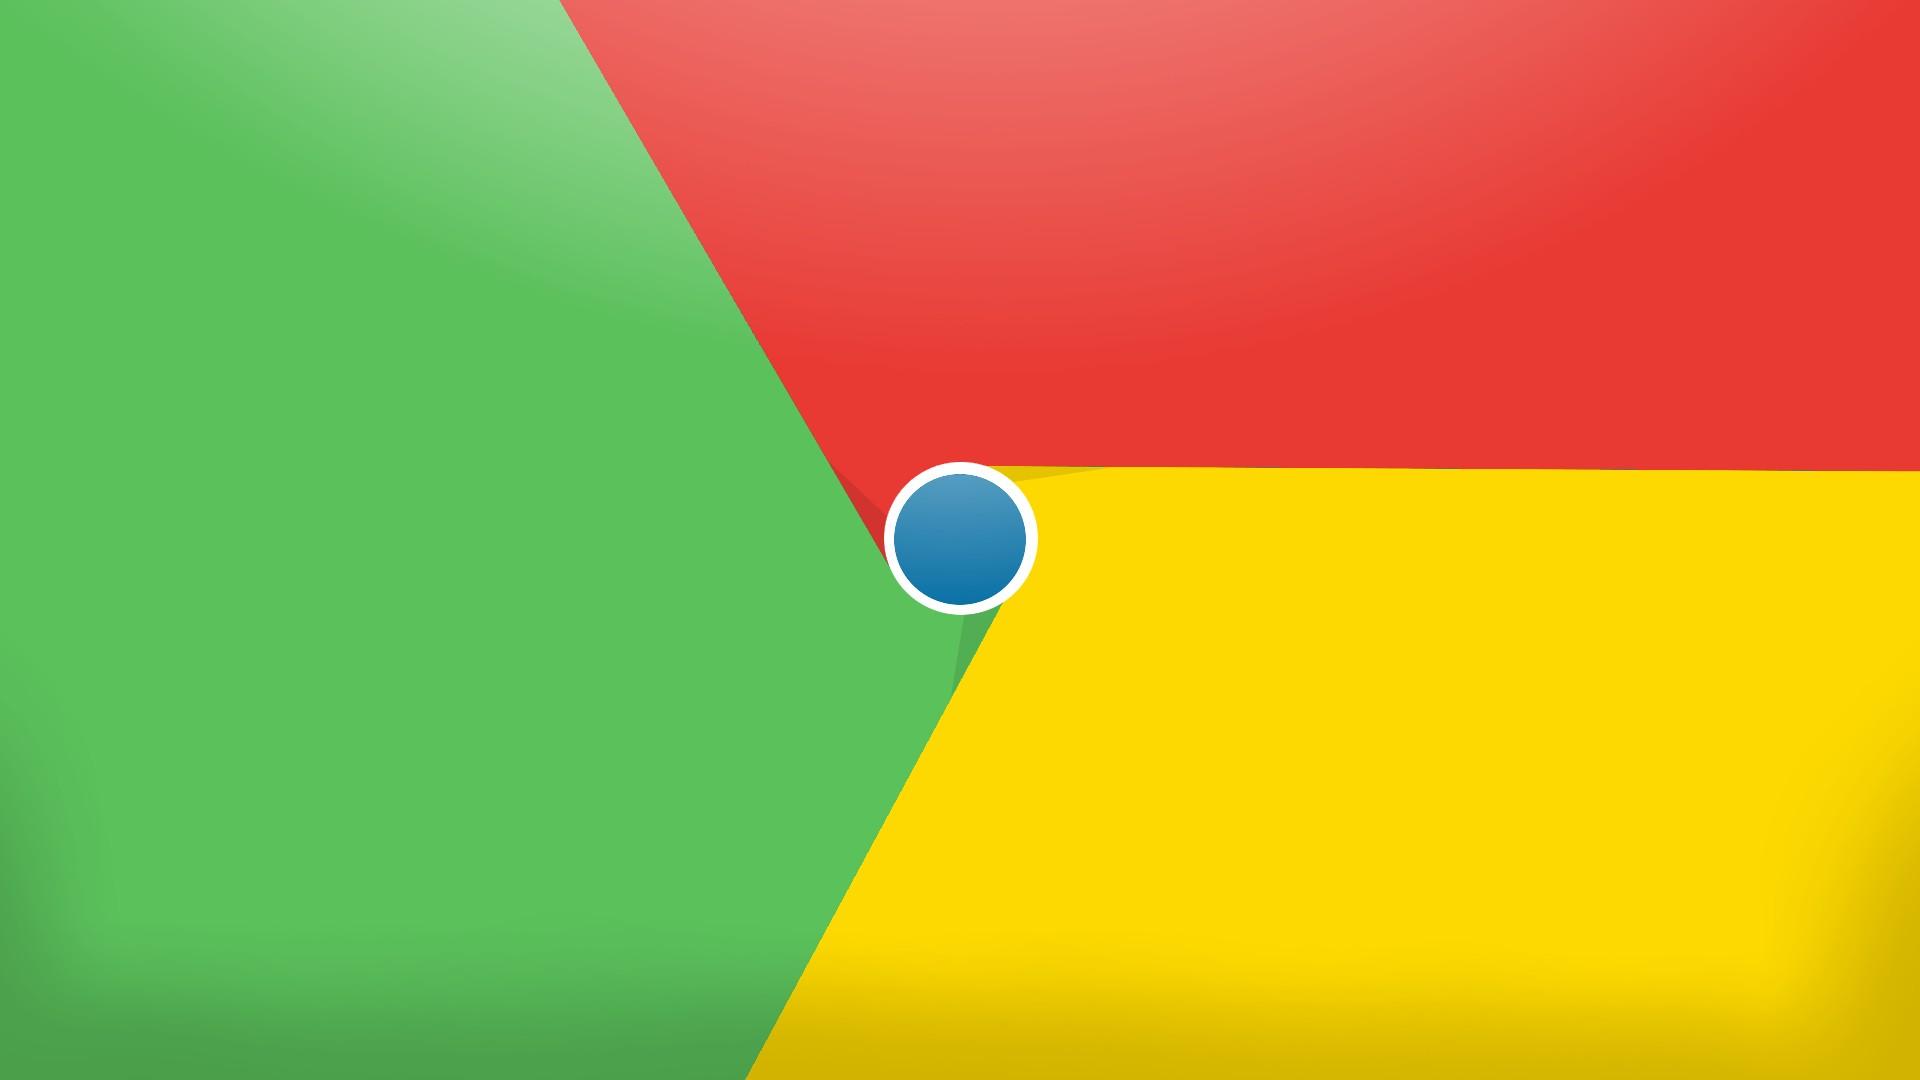 google background download free stunning backgrounds for desktop